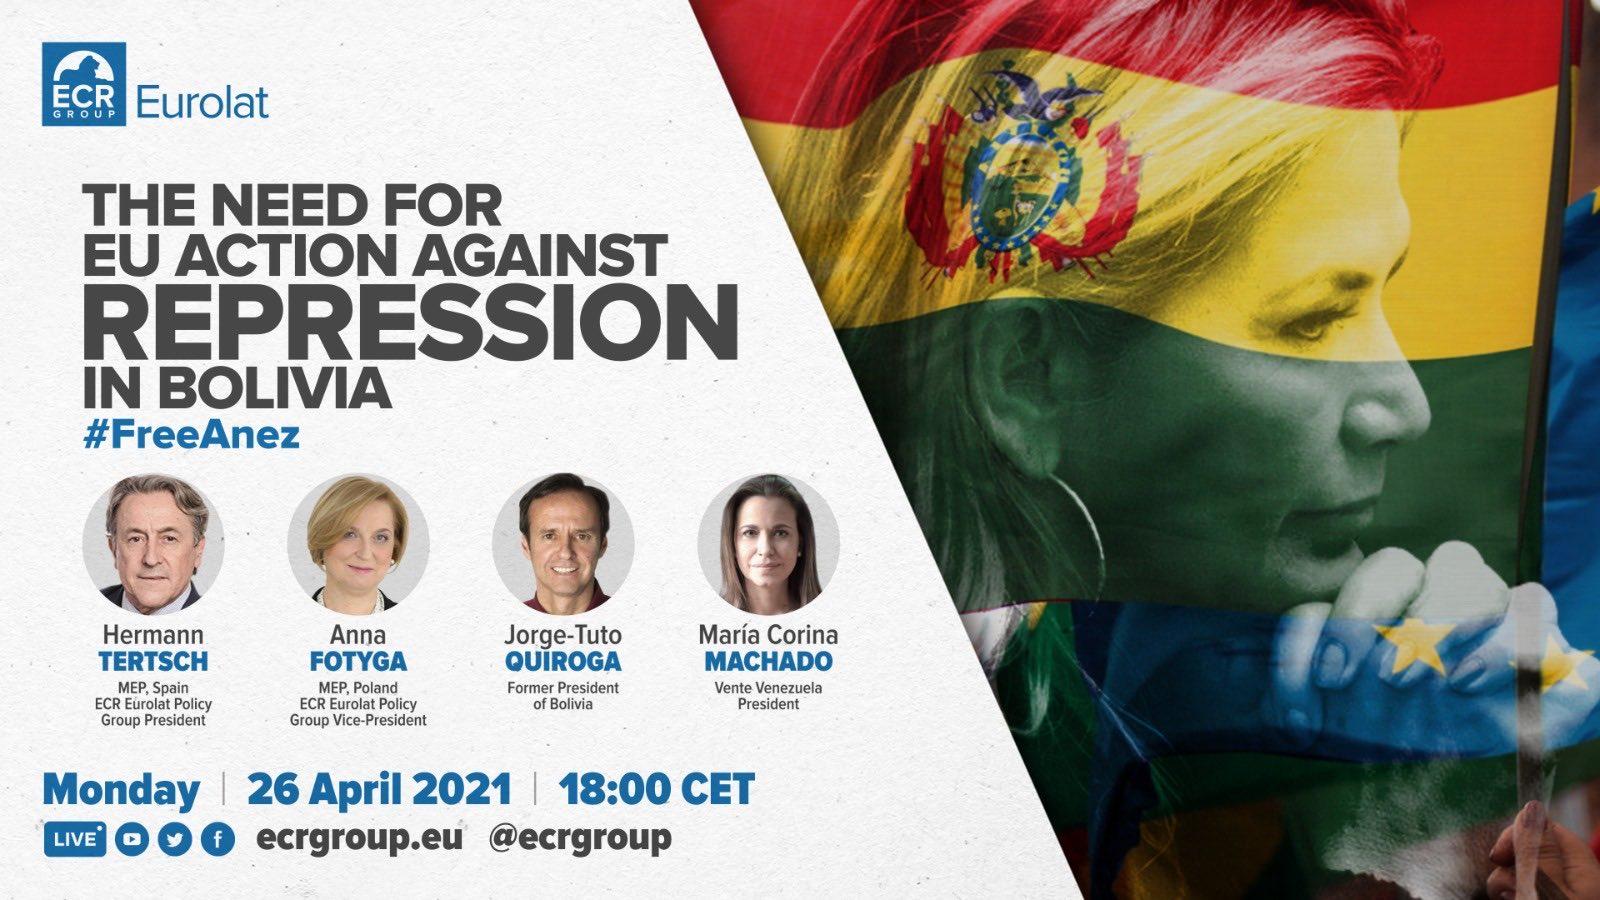 Webinar de la reunión podrá ser seguida desde Bolivia / RRSS